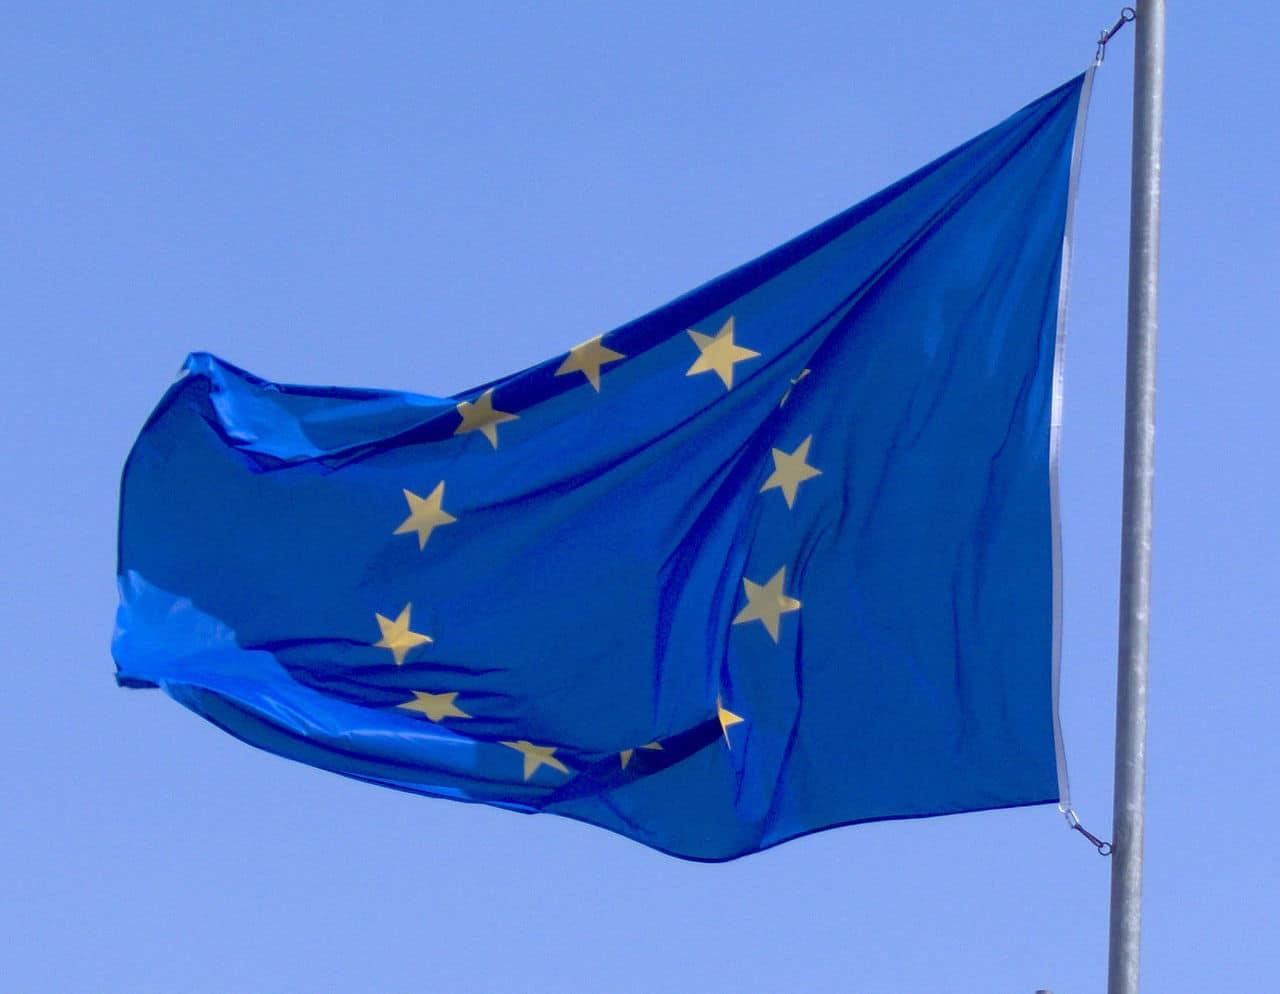 Quelle personnalité politique a manifesté publiquement sa volonté d'une sortie des PECO de l'UE ?